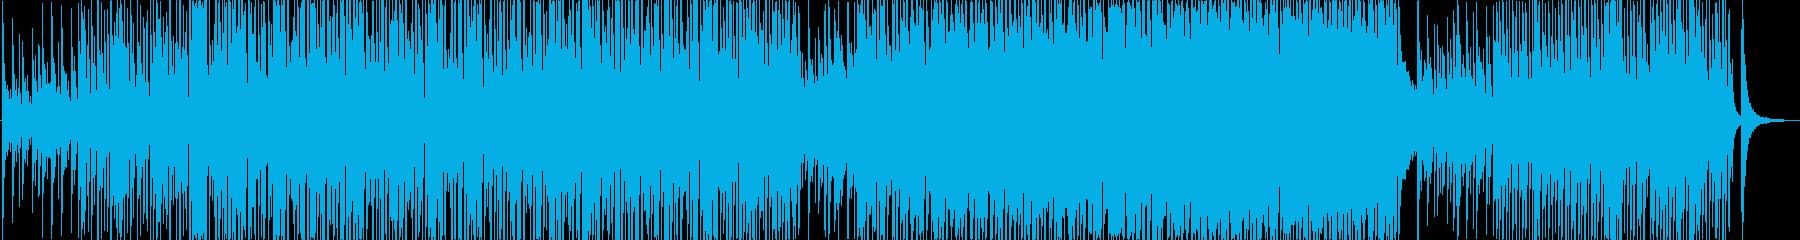 動画 サスペンス 感情的 希望的 ...の再生済みの波形